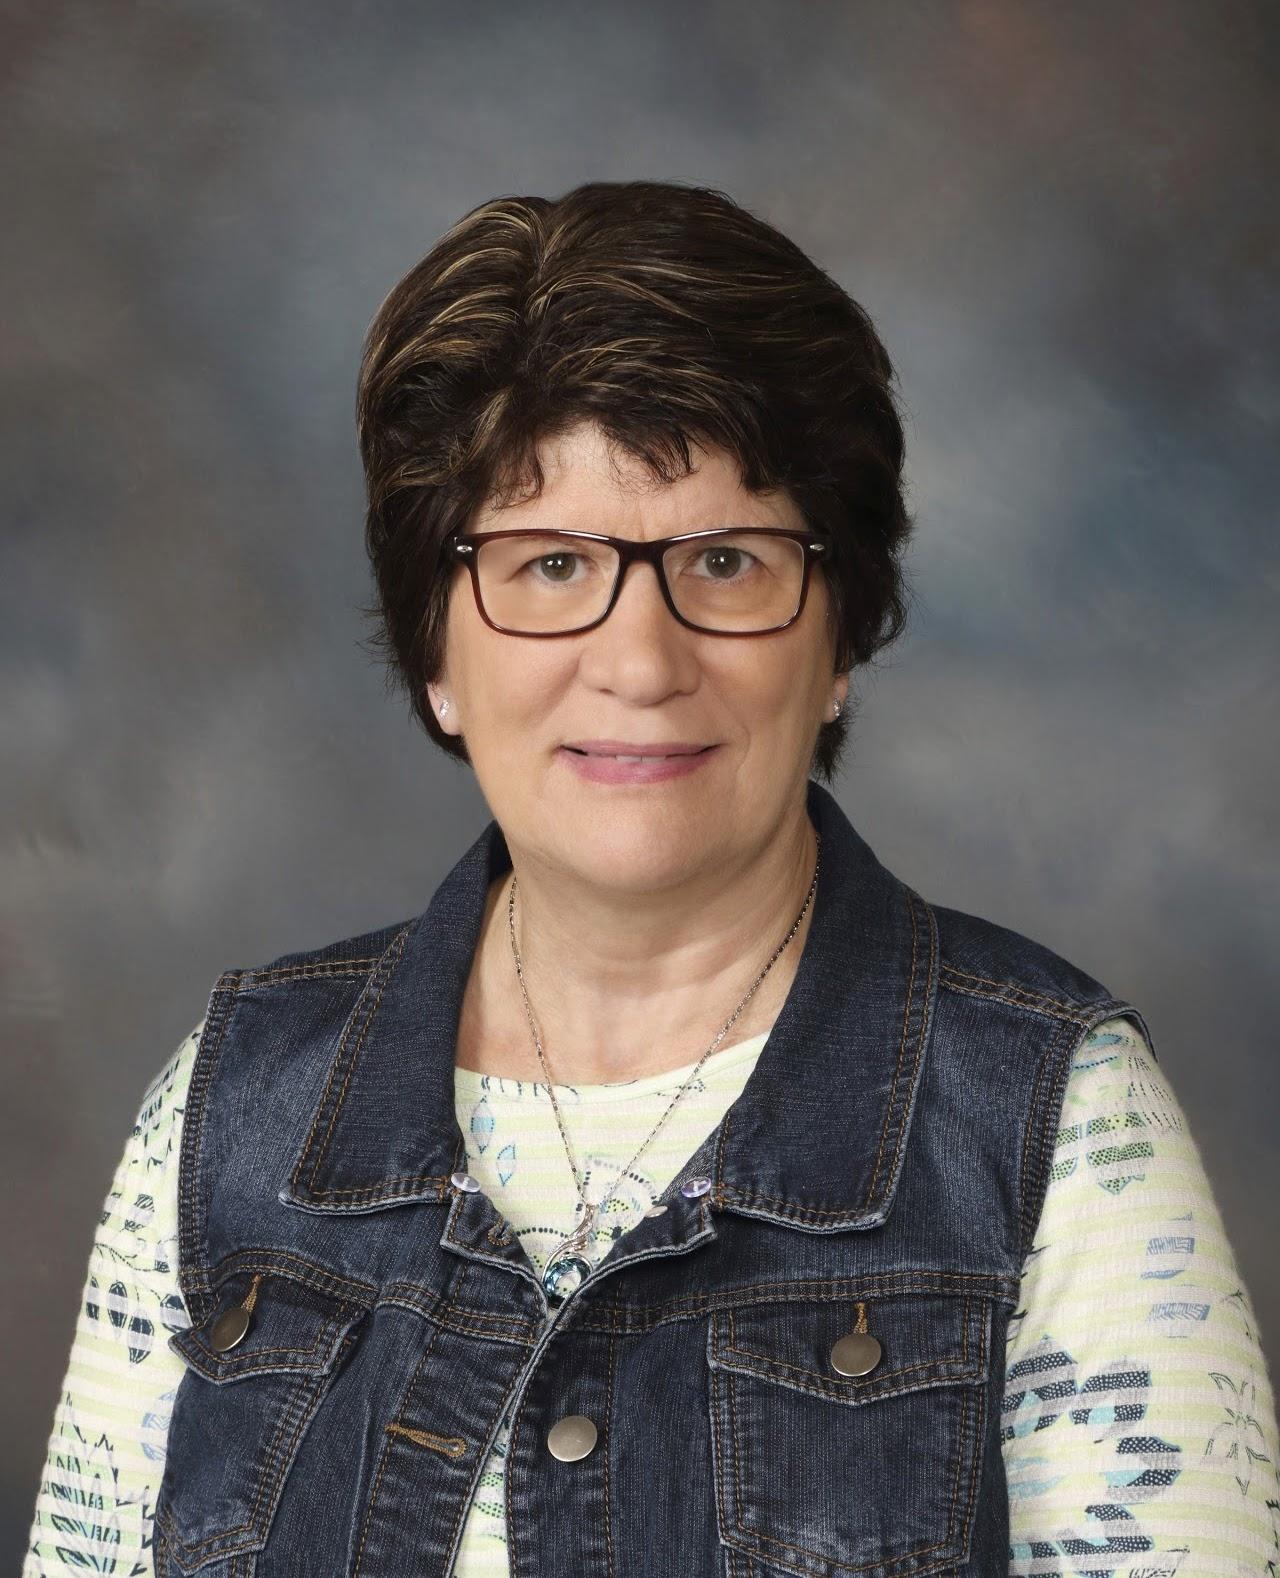 Ruth Reiser